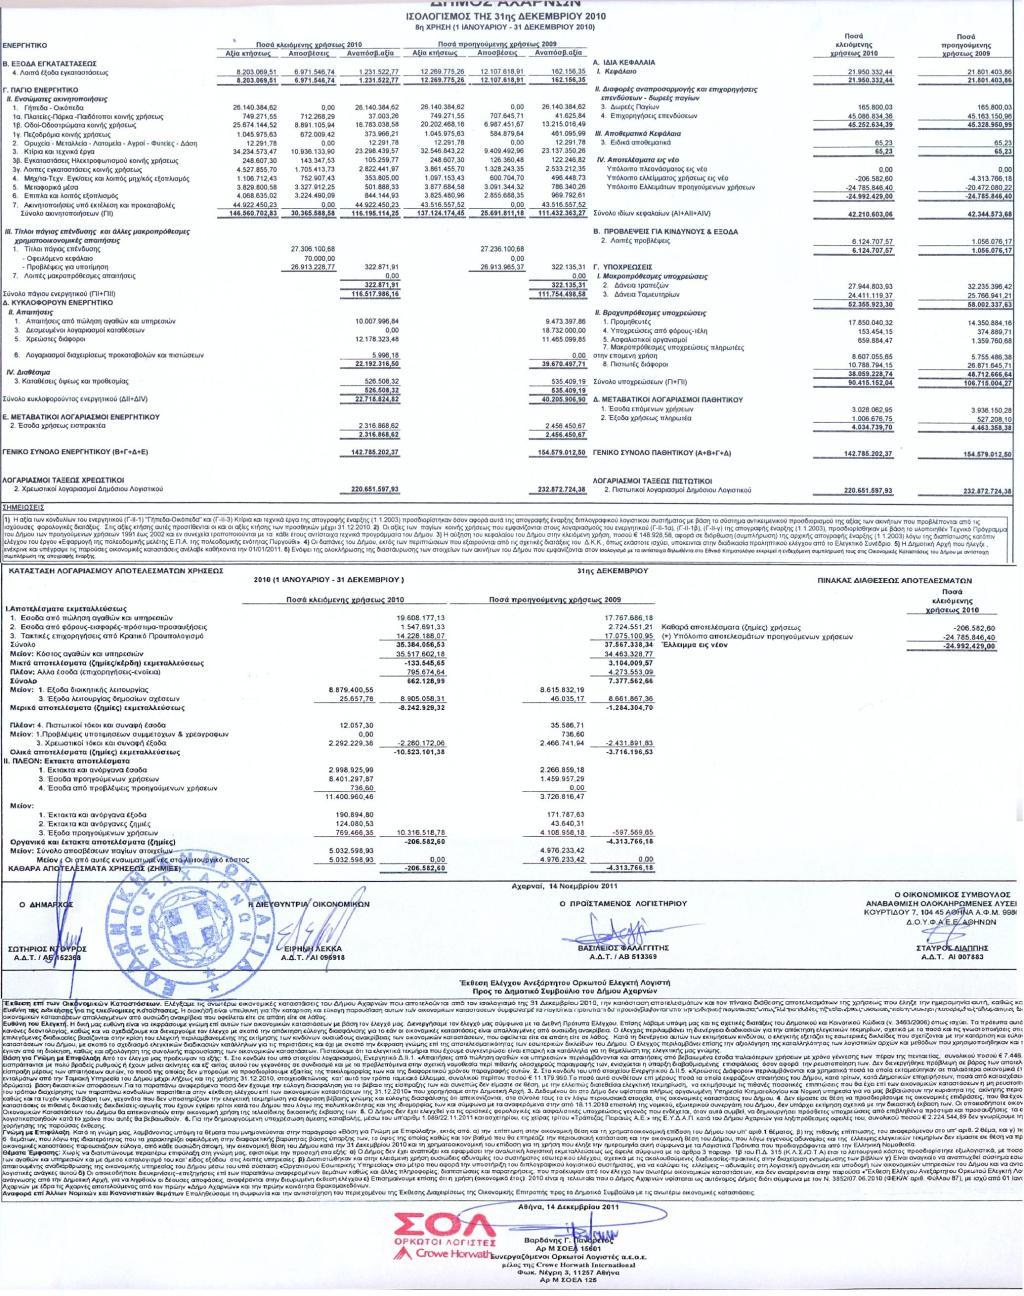 Ισολογισμός 2010